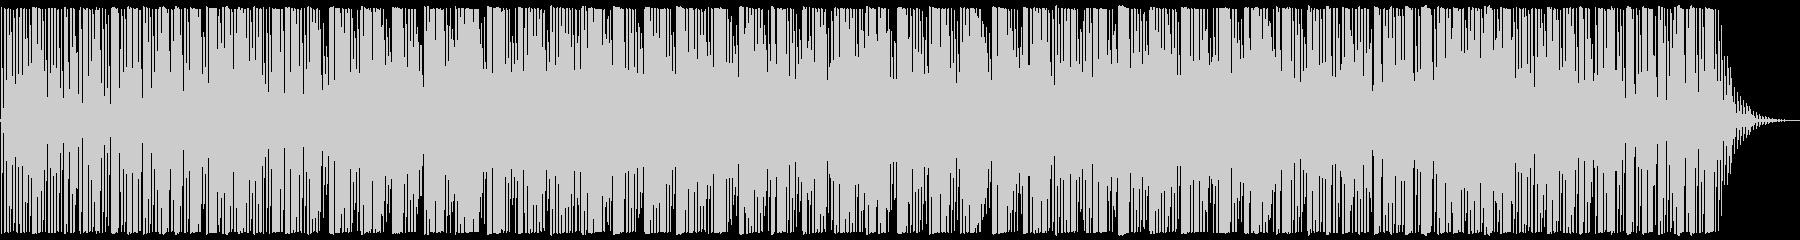 実験的な 緊張感 テクノロジー 暗...の未再生の波形